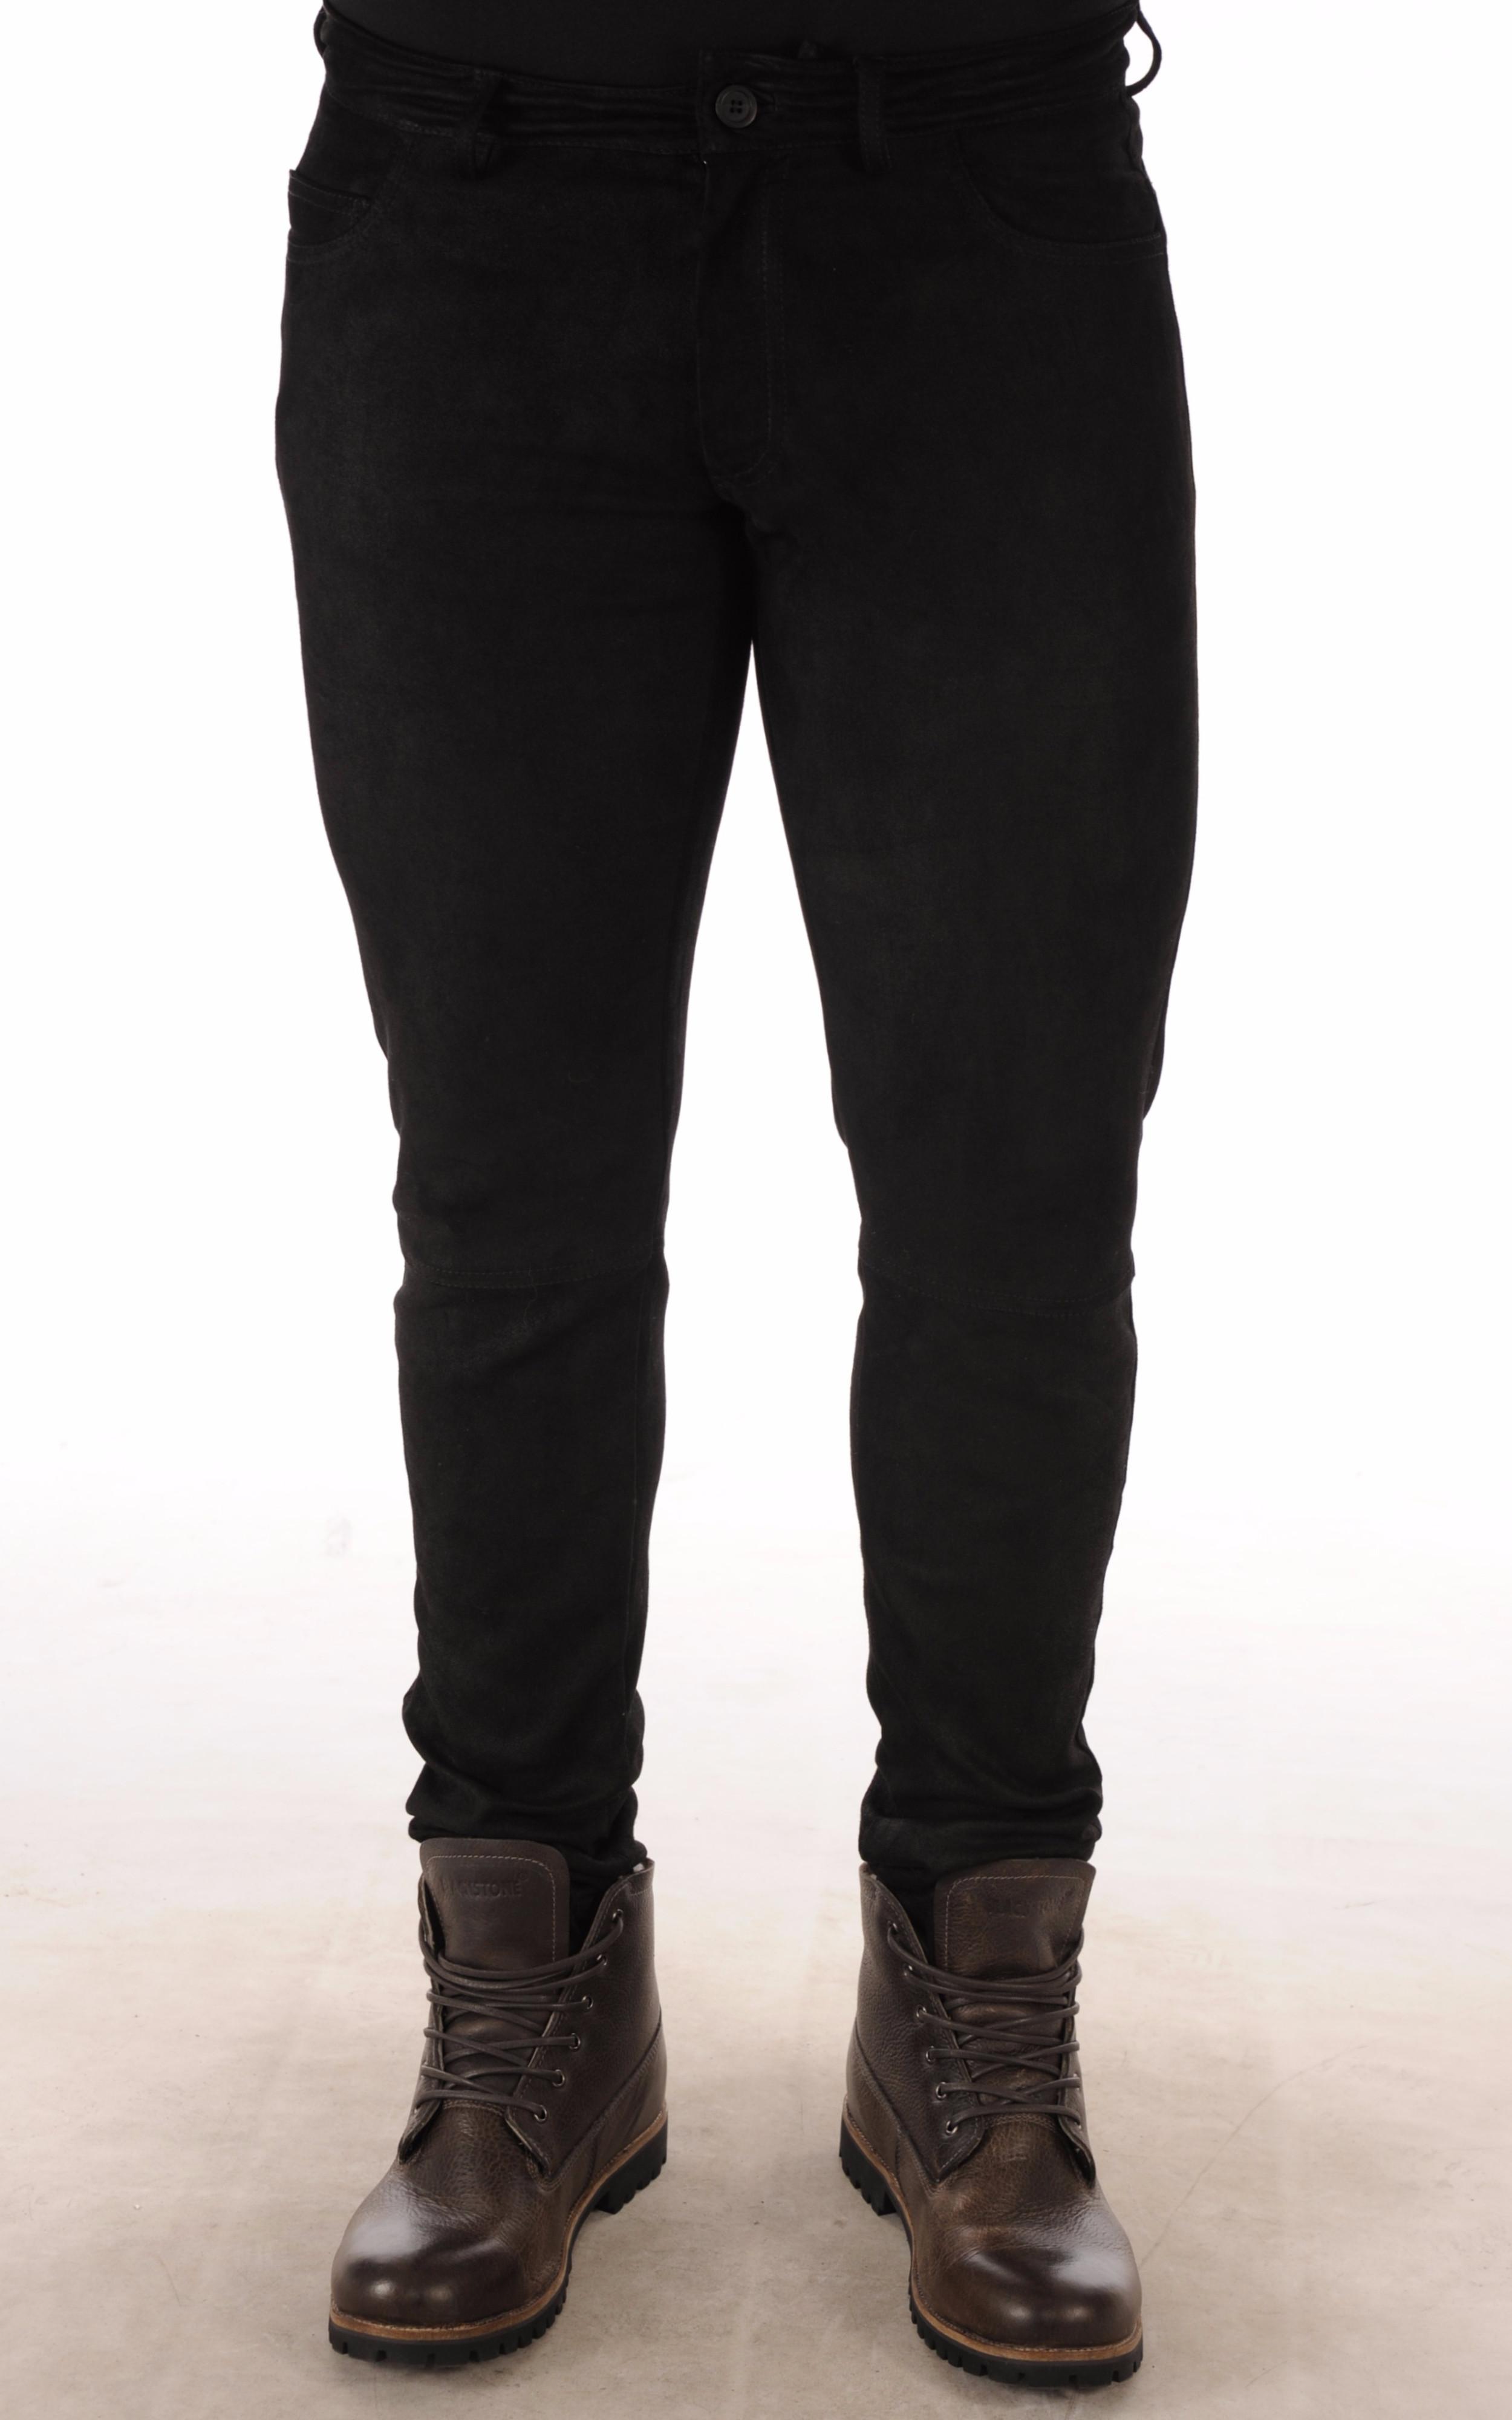 0f1f057b1340 Pantalon Cuir Agneau Velours Stretch Noir La Canadienne - La ...